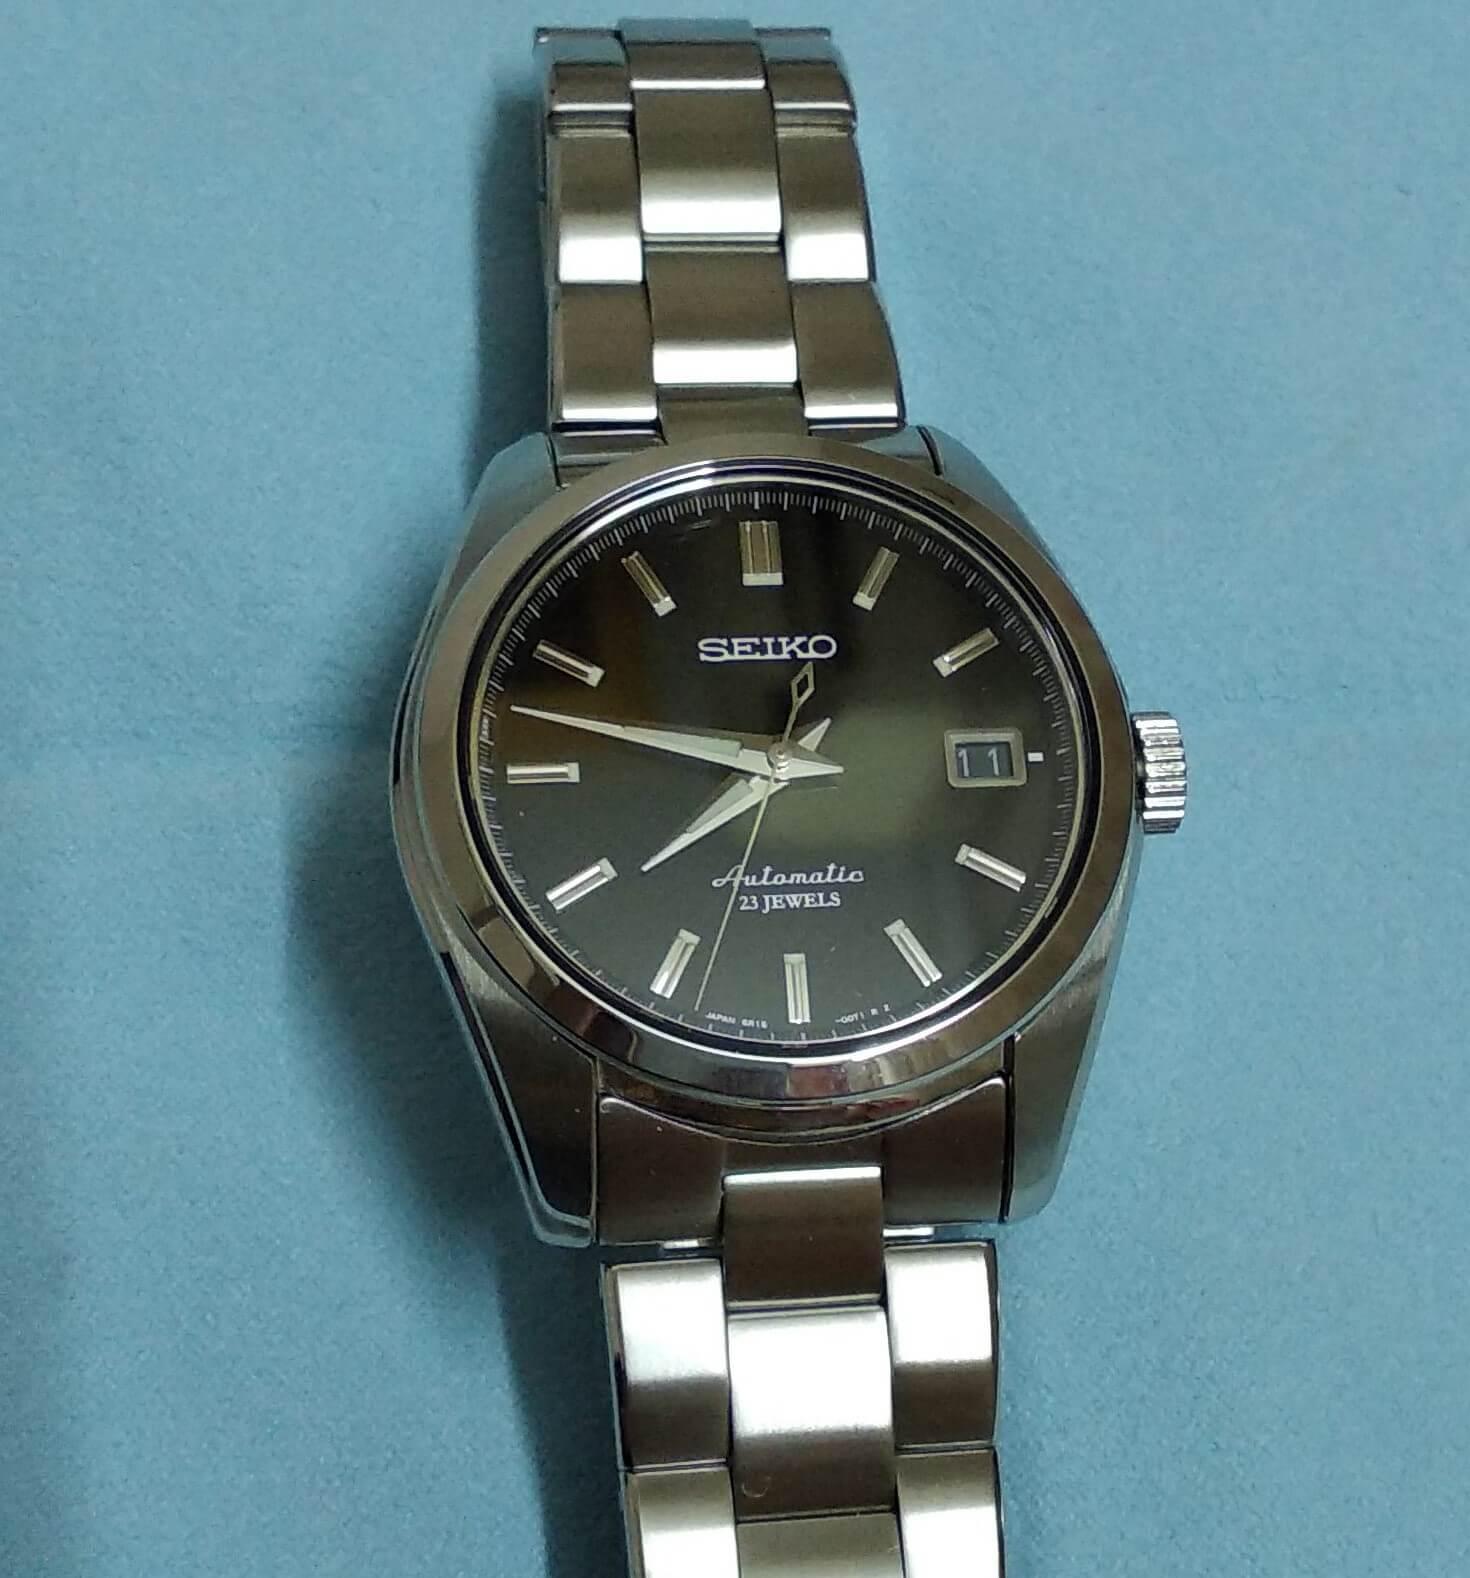 Seiko SARB033 front